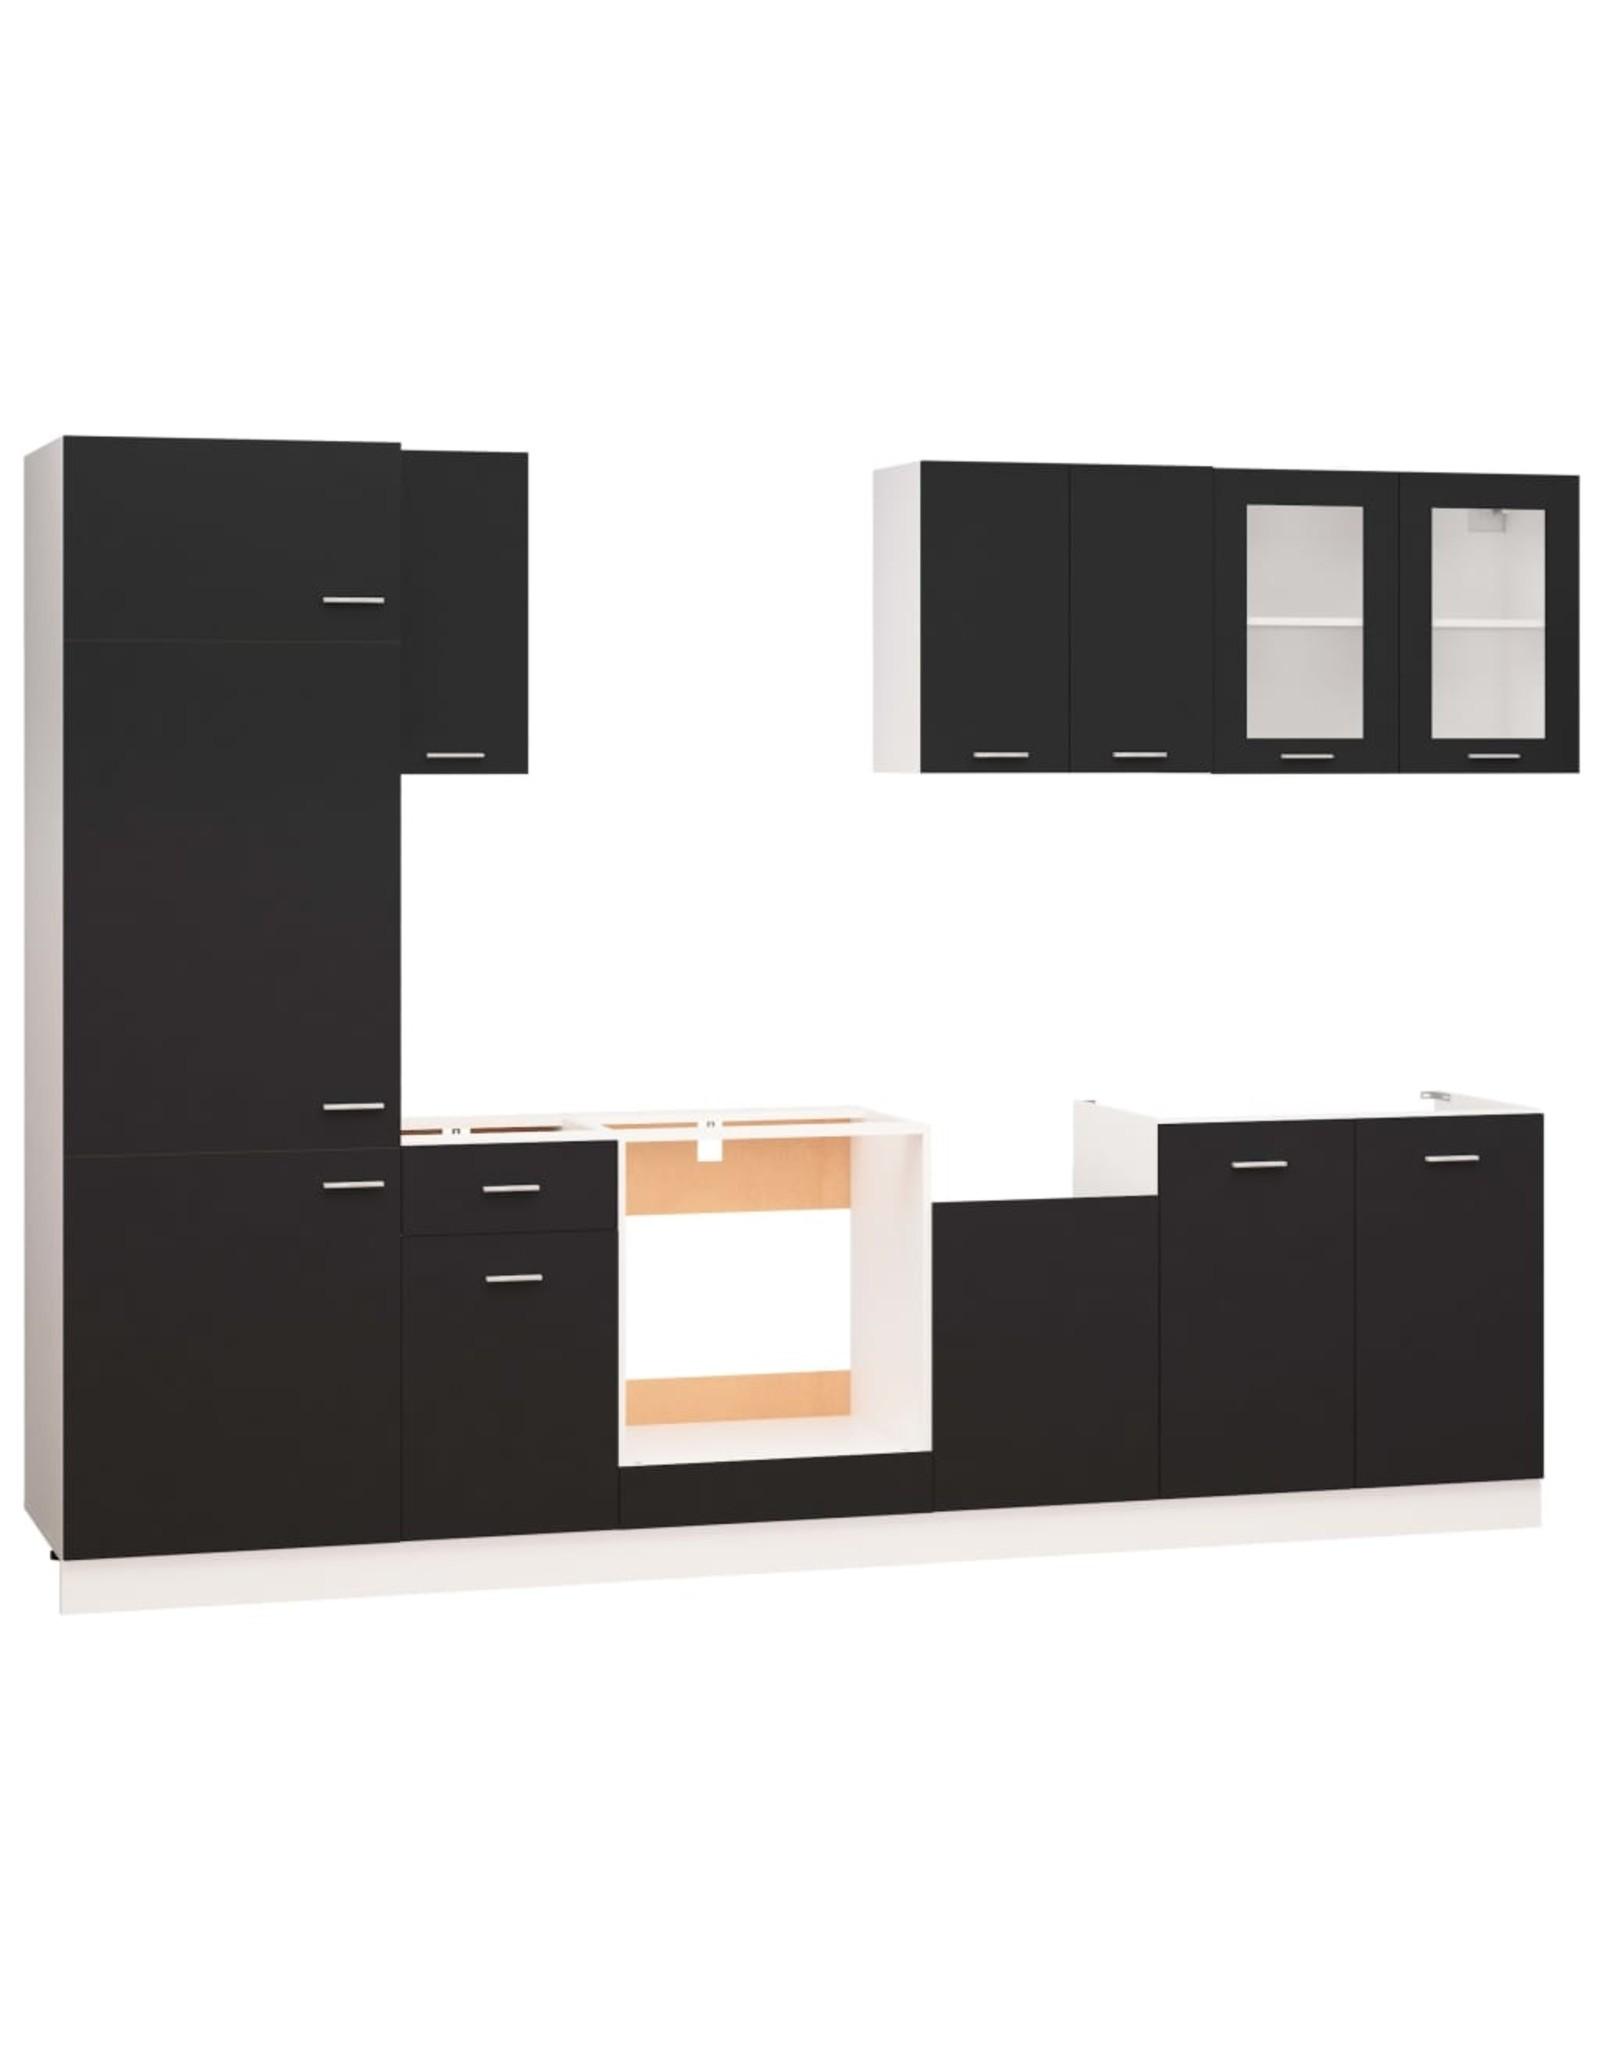 8-delige Keukenkastenset spaanplaat zwart